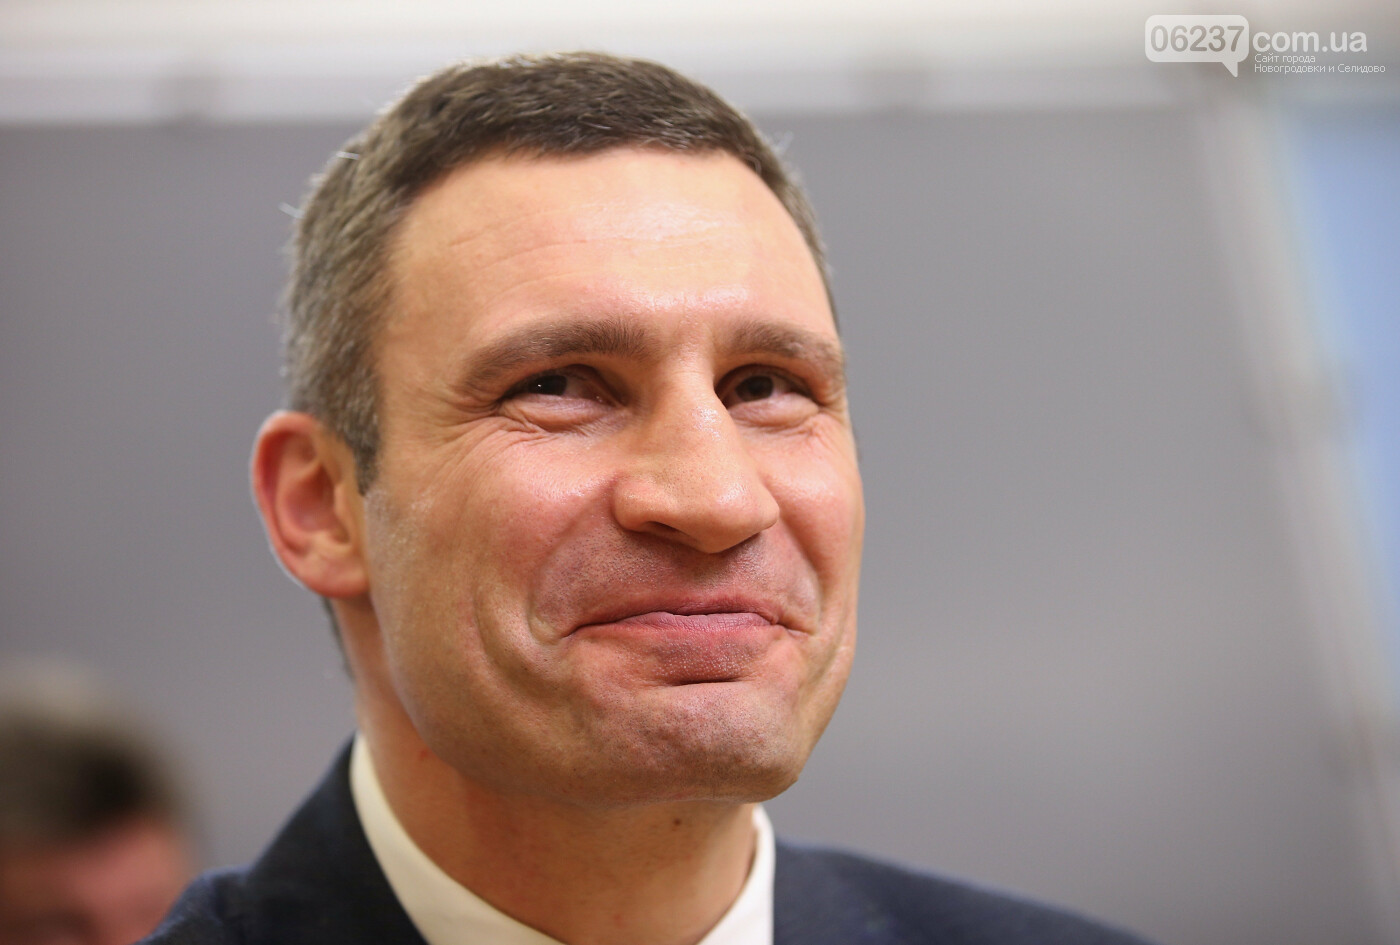 Из-за карантина в Киеве резко упал уровень оплаты коммунальных услуг, фото-1